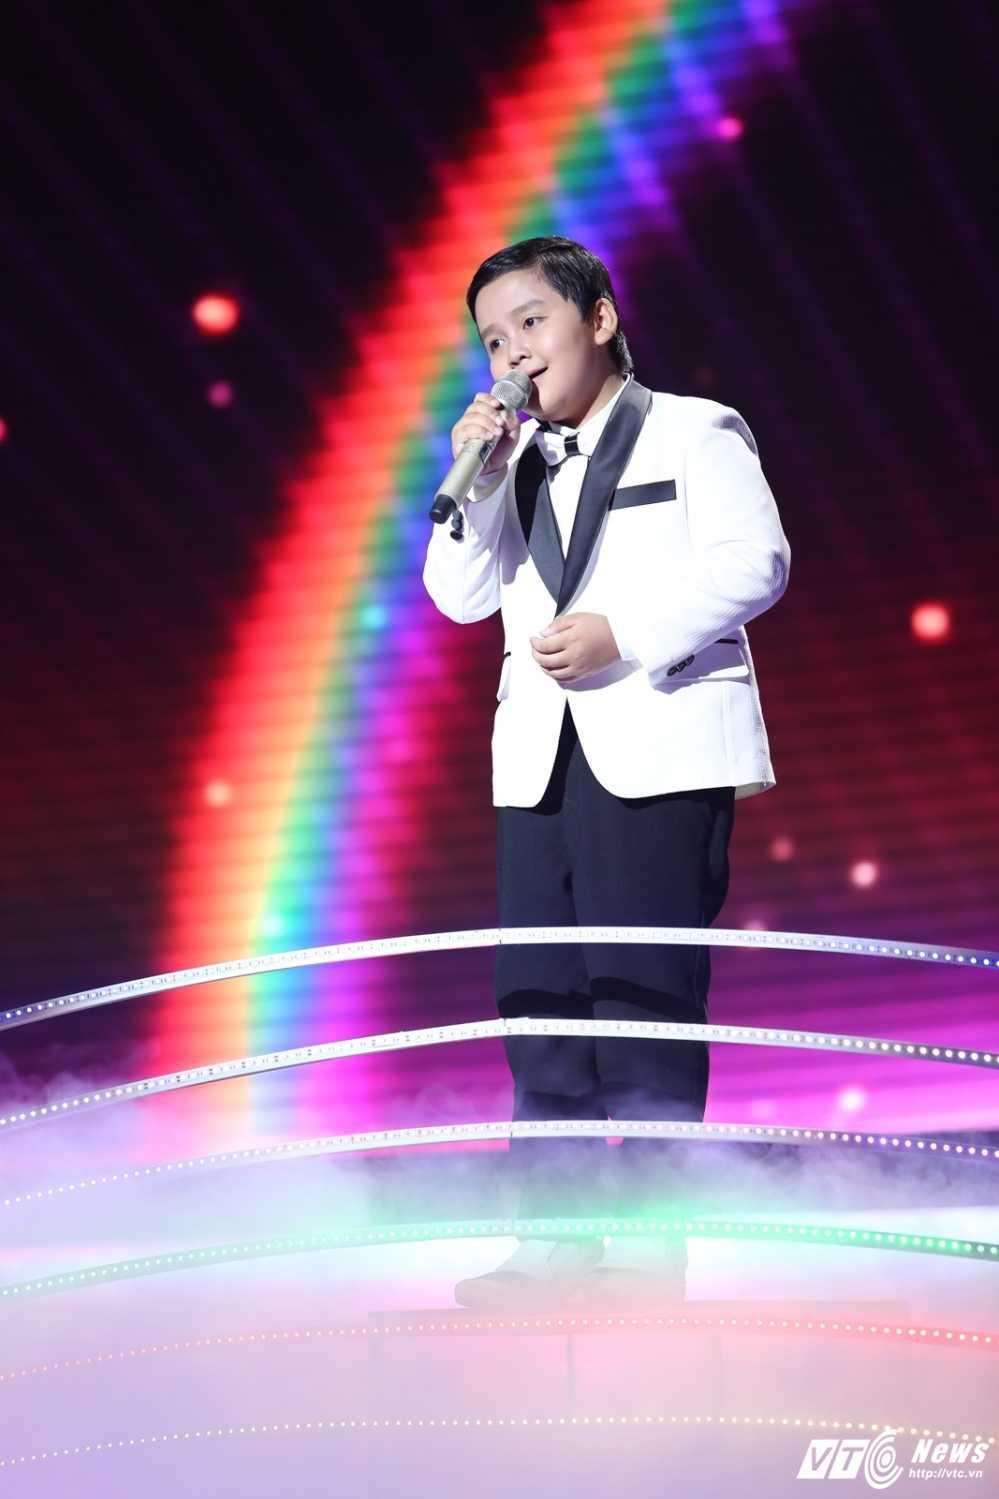 Giong hat Viet nhi: Team Noo Phuoc Thinh gay sot voi 'Thu Minh phien ban nhi' hinh anh 18